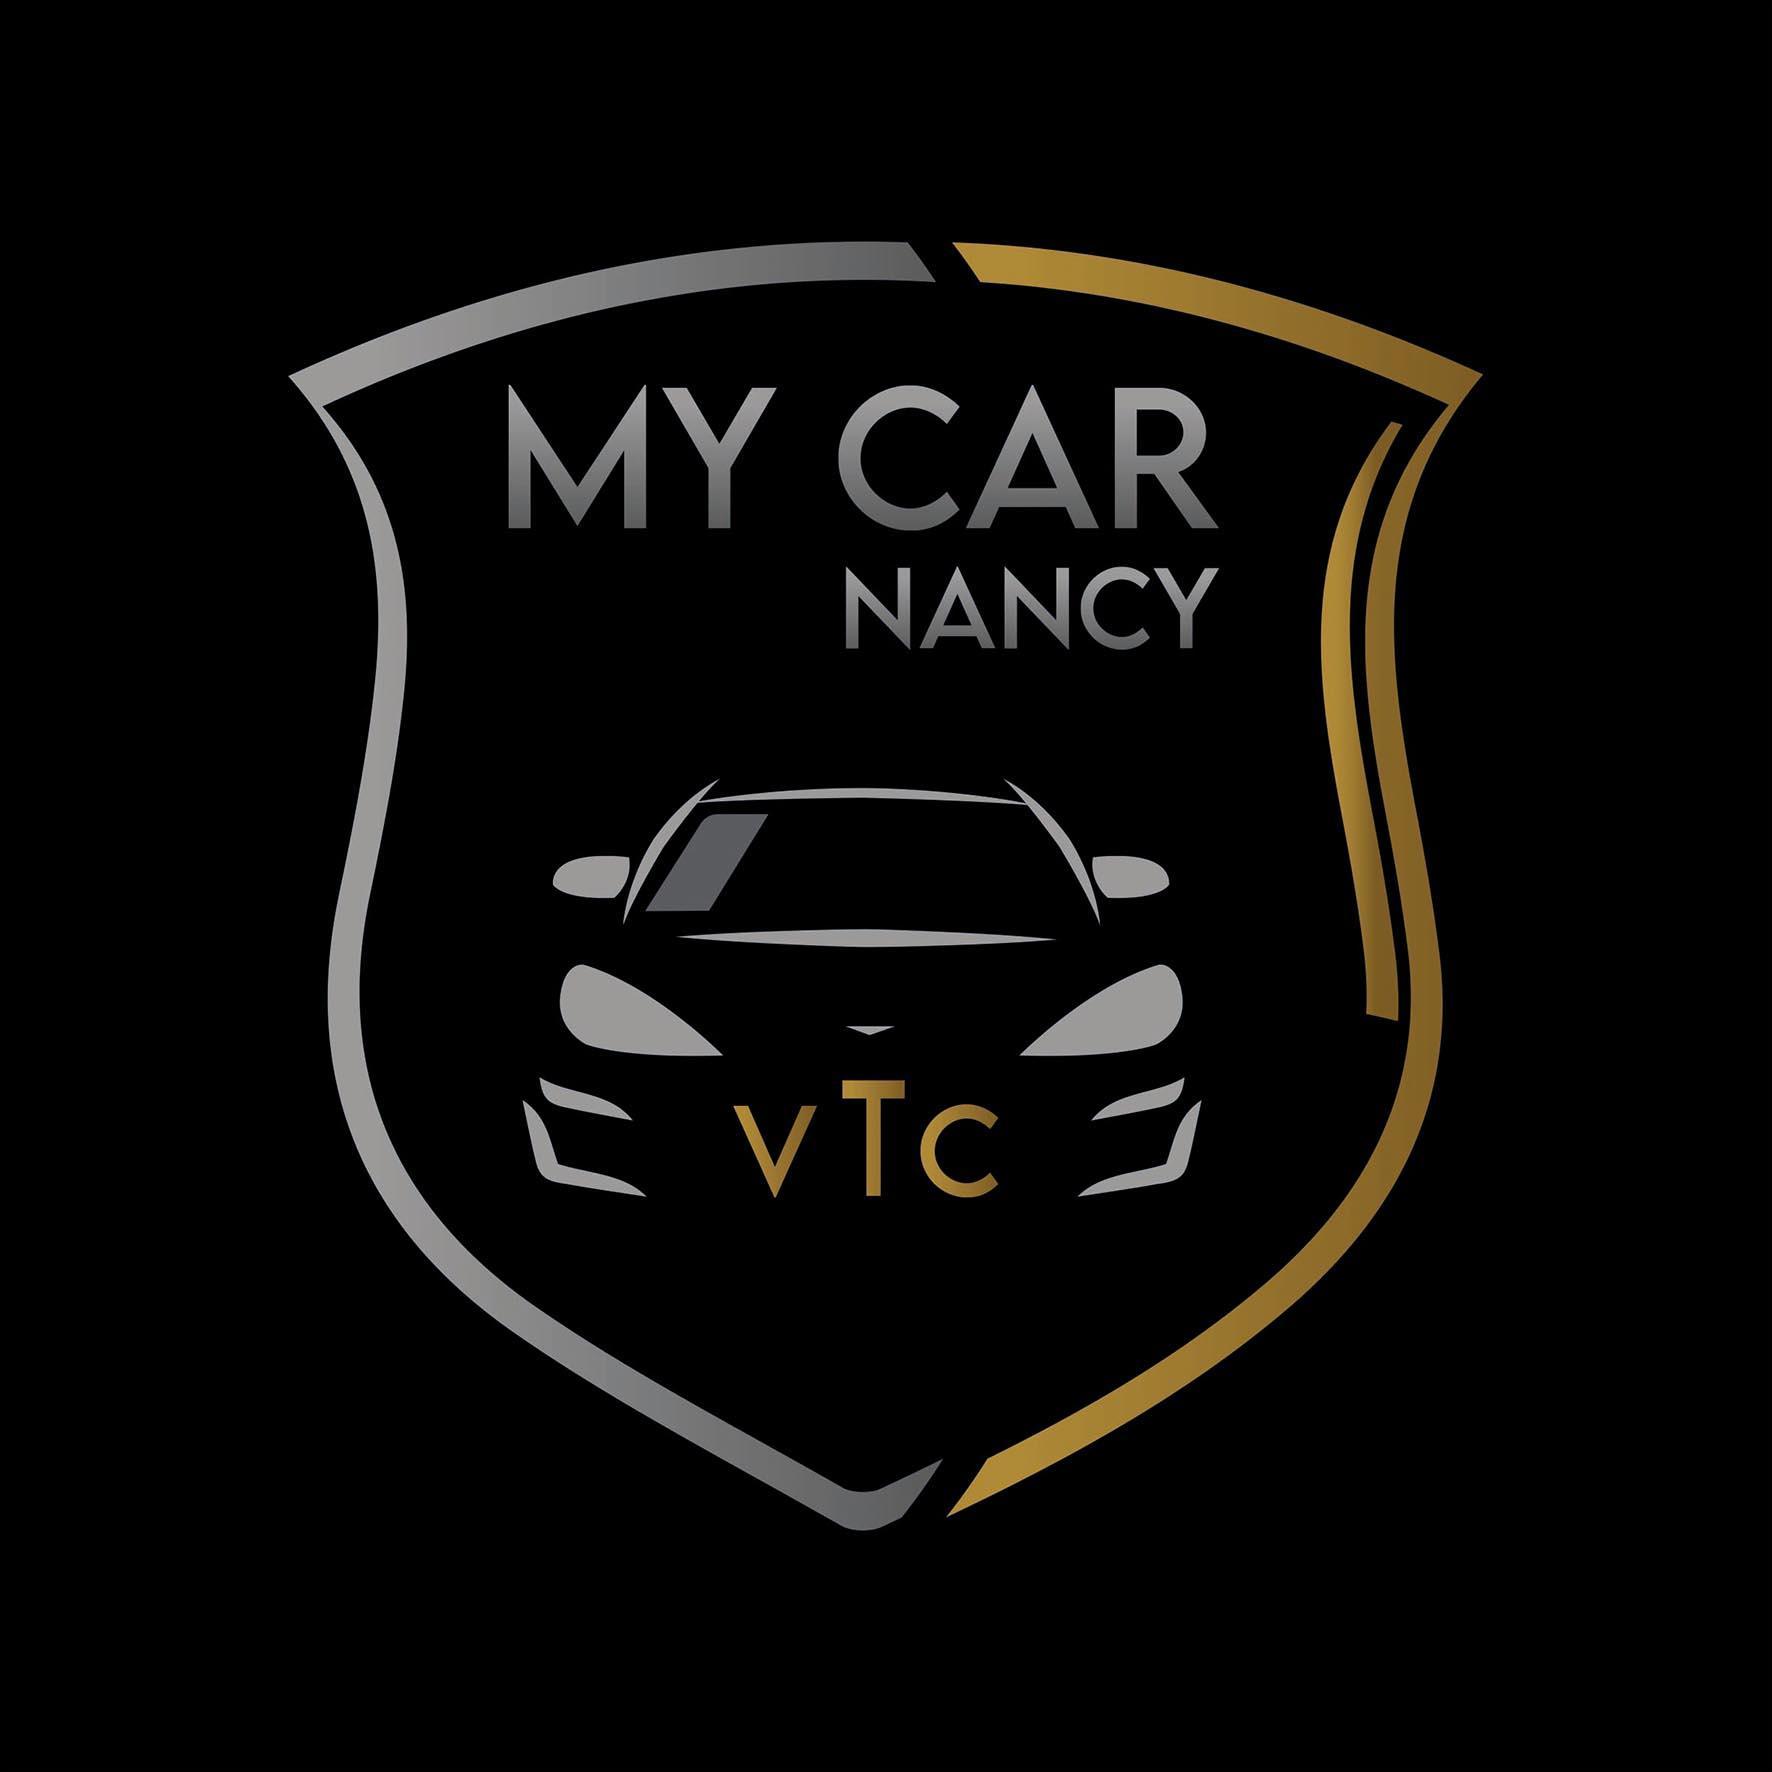 mycar nancy vtc